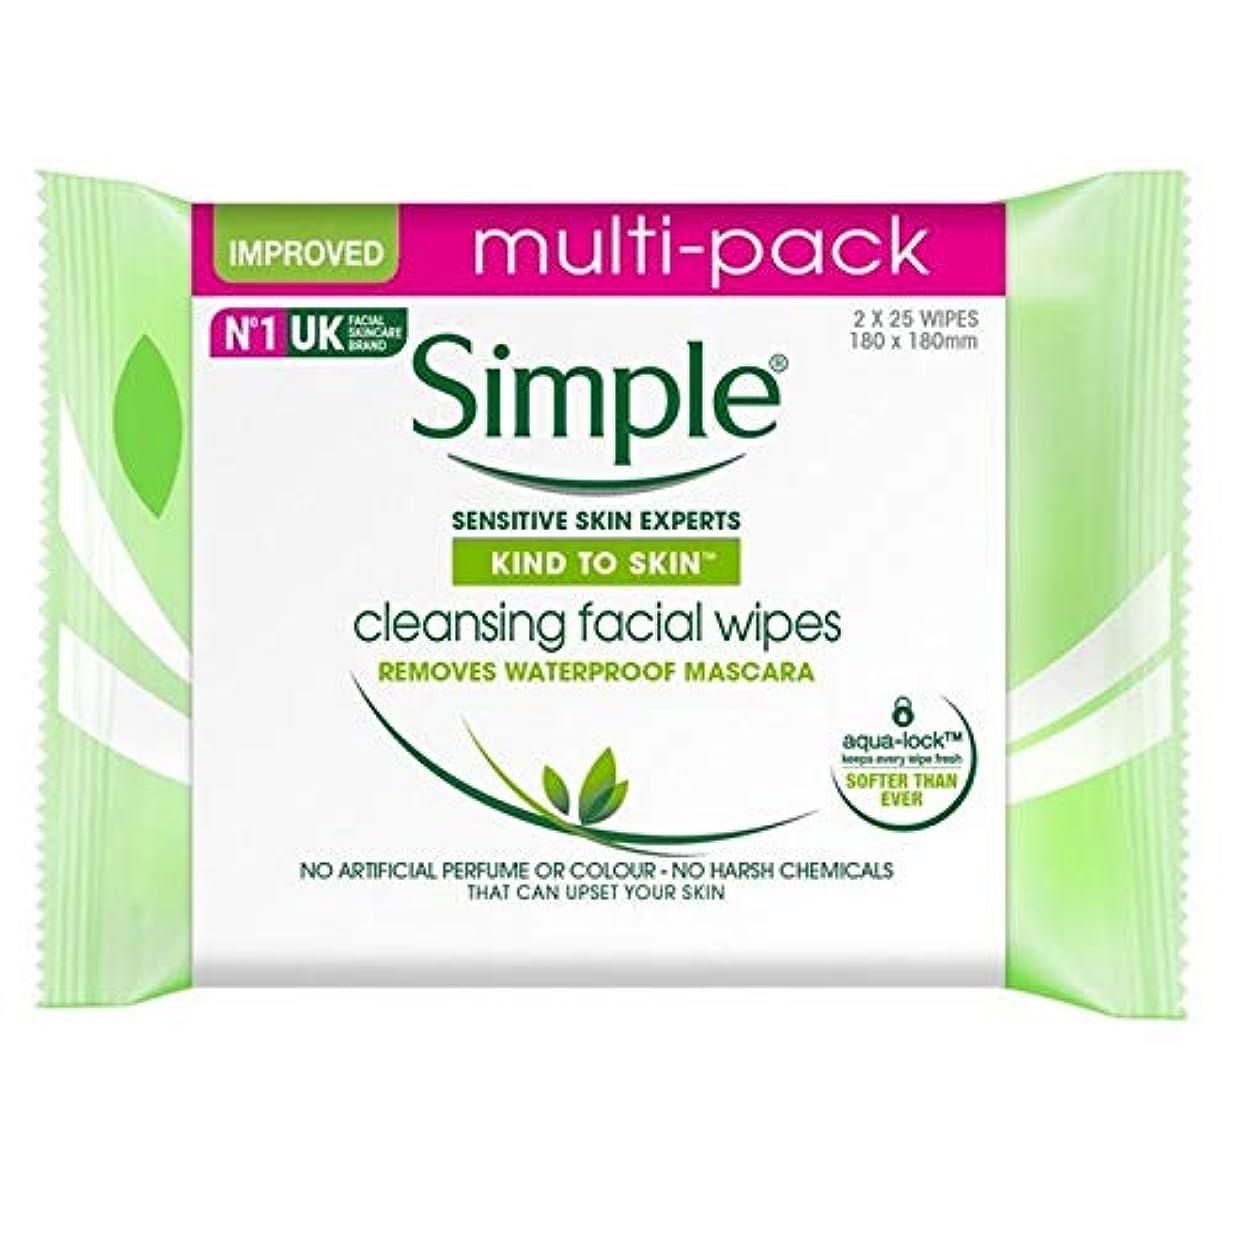 マーキー不誠実宴会[Simple ] 肌のクレンジングフェイシャルワイプ2×25パックあたりに簡単な種類 - Simple Kind To Skin Cleansing Facial Wipes 2 x 25 per pack [並行輸入品]